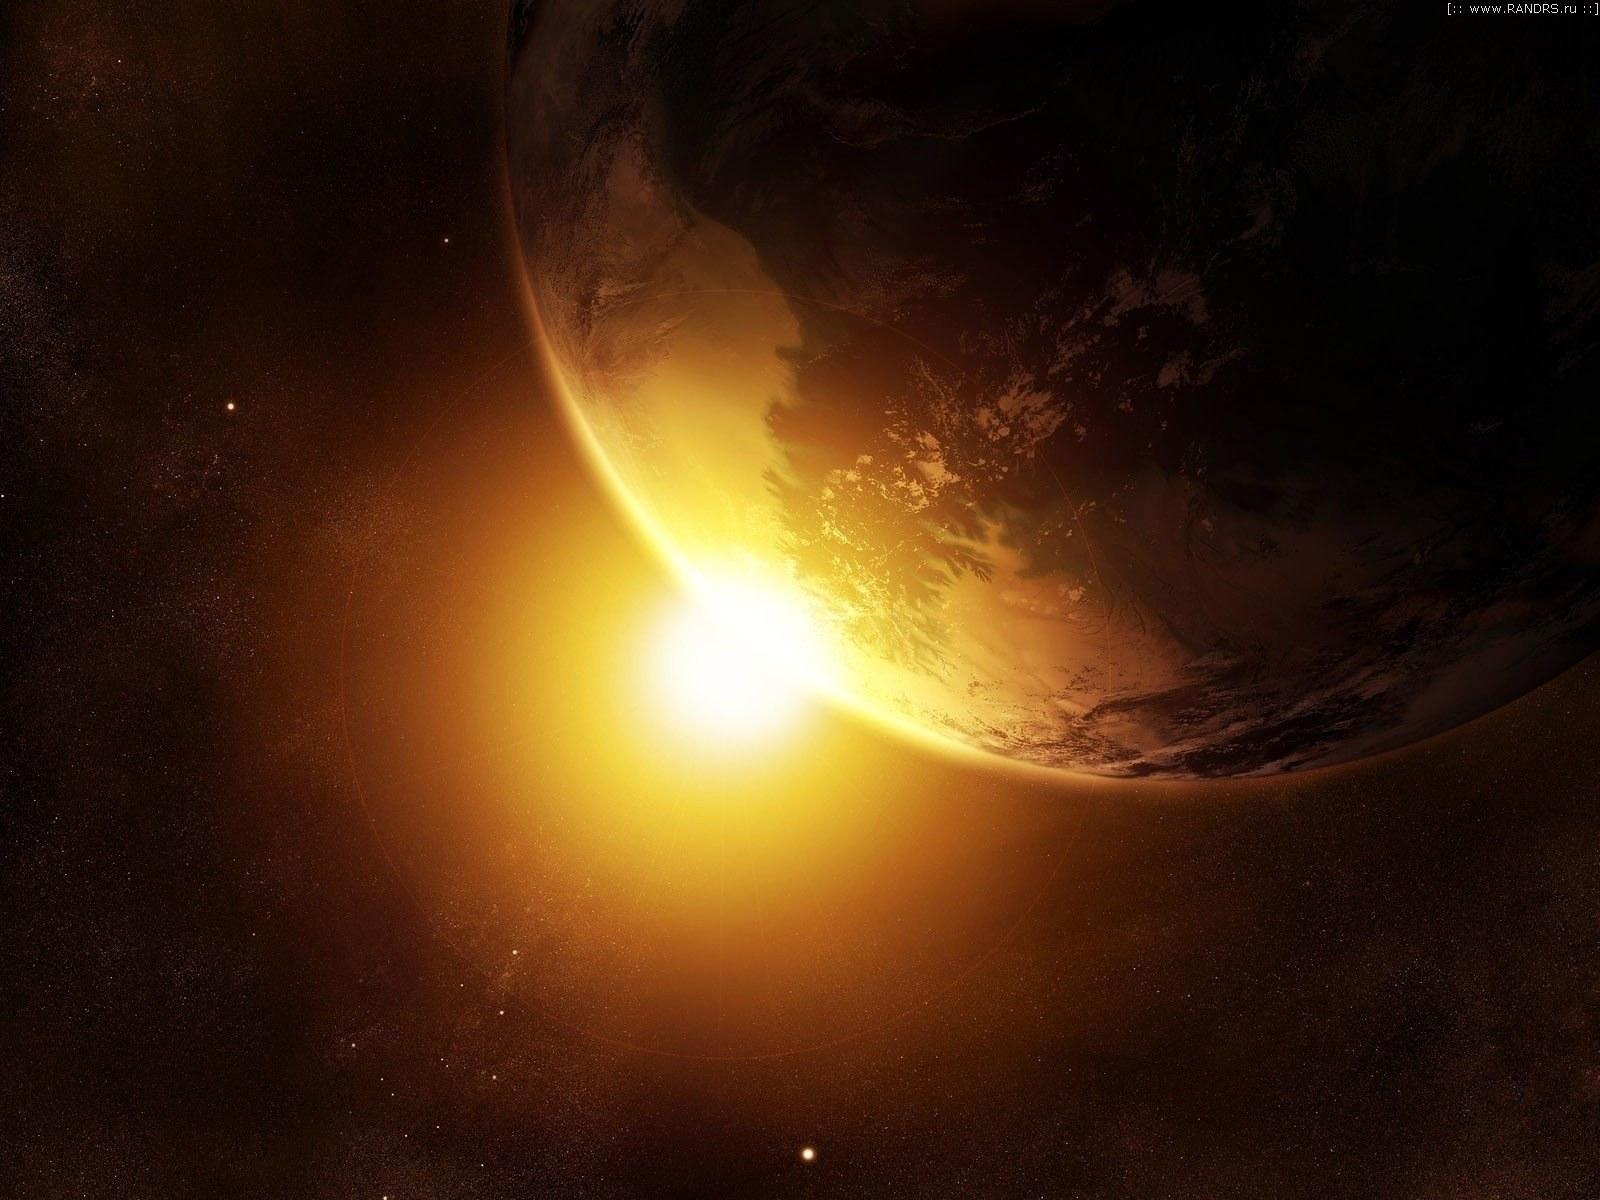 13208 скачать обои Пейзаж, Планеты, Космос, Солнце - заставки и картинки бесплатно